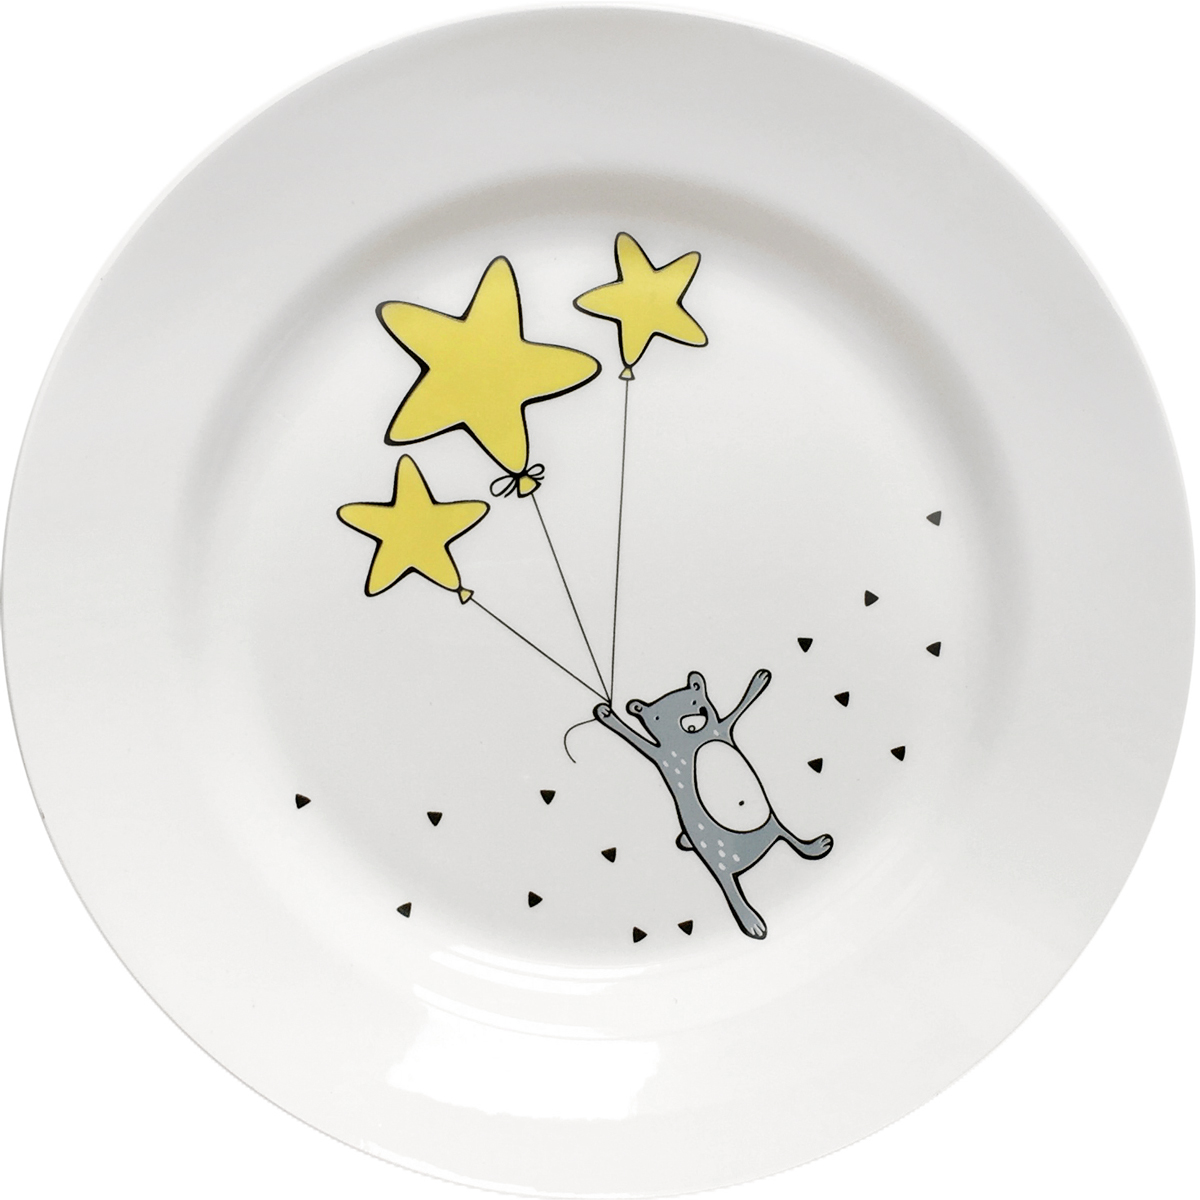 Тарелка Сотвори Чудо Звездный мишка, диаметр 20 см2512677Хотите обновить интерьер кухни или гостиной? Устраиваете необычную фотосессию или тематический праздник? А может, просто ищете подарок для близкого человека? Посуда Сотвори Чудо — правильный выбор в любой ситуации. Её достоинства: - изящный фаянс нежного сливочного цвета; - стойкость краски; - пригодность для посудомоечных машин.